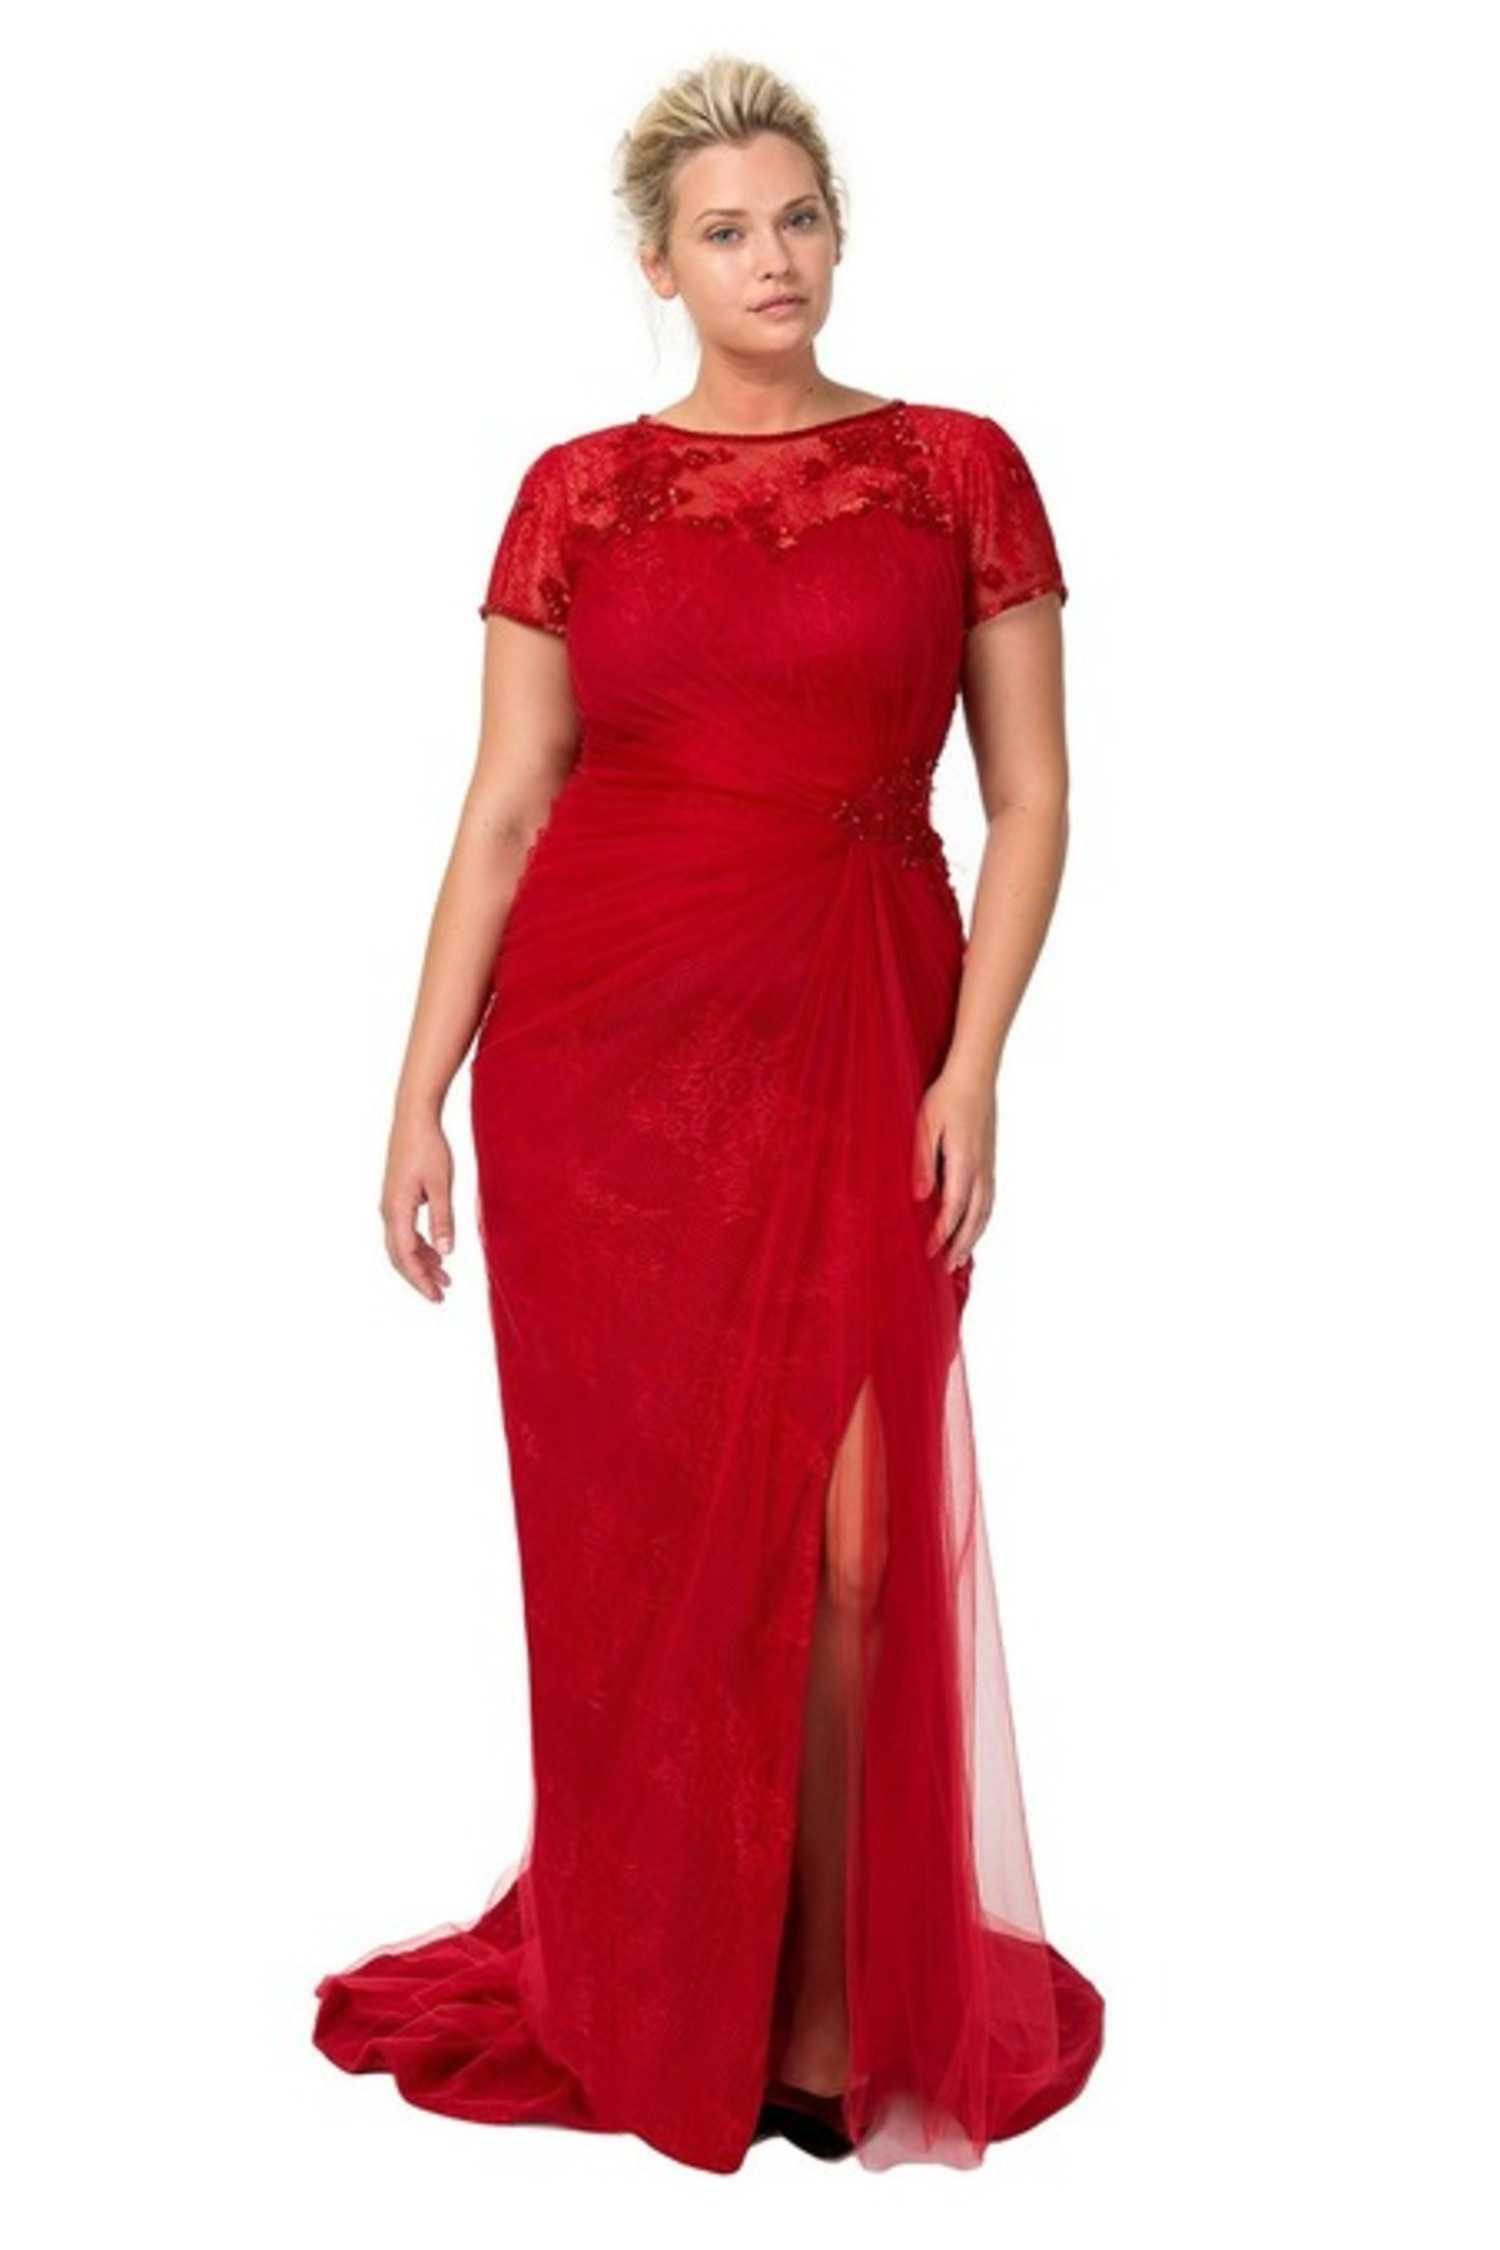 вечерние платья для полных женщин 40 лет фото